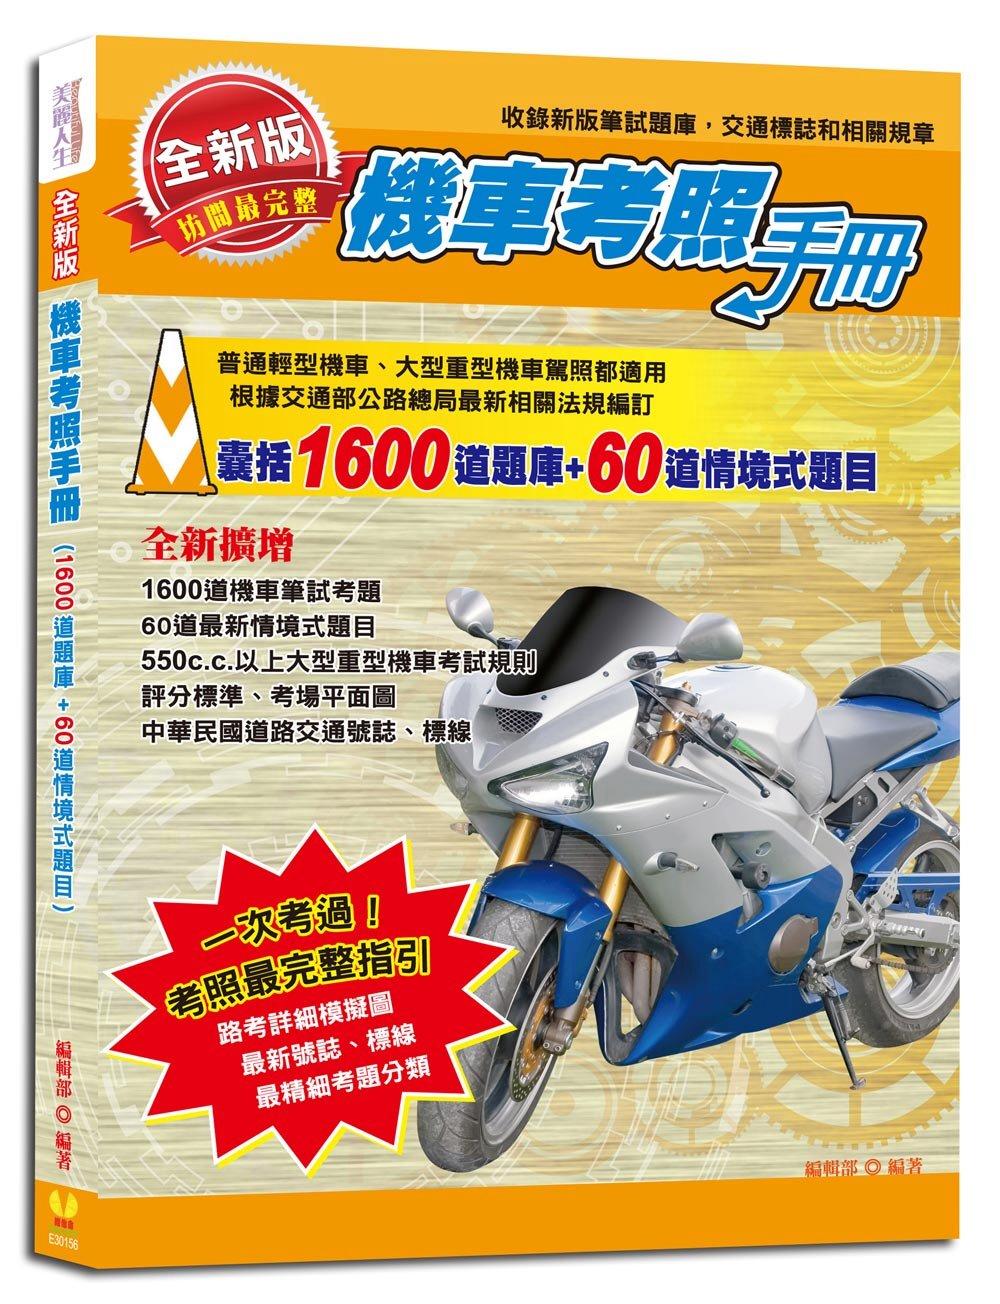 全新版機車考照手冊:包含1600道題庫+60道情境式題目,最新考照規章